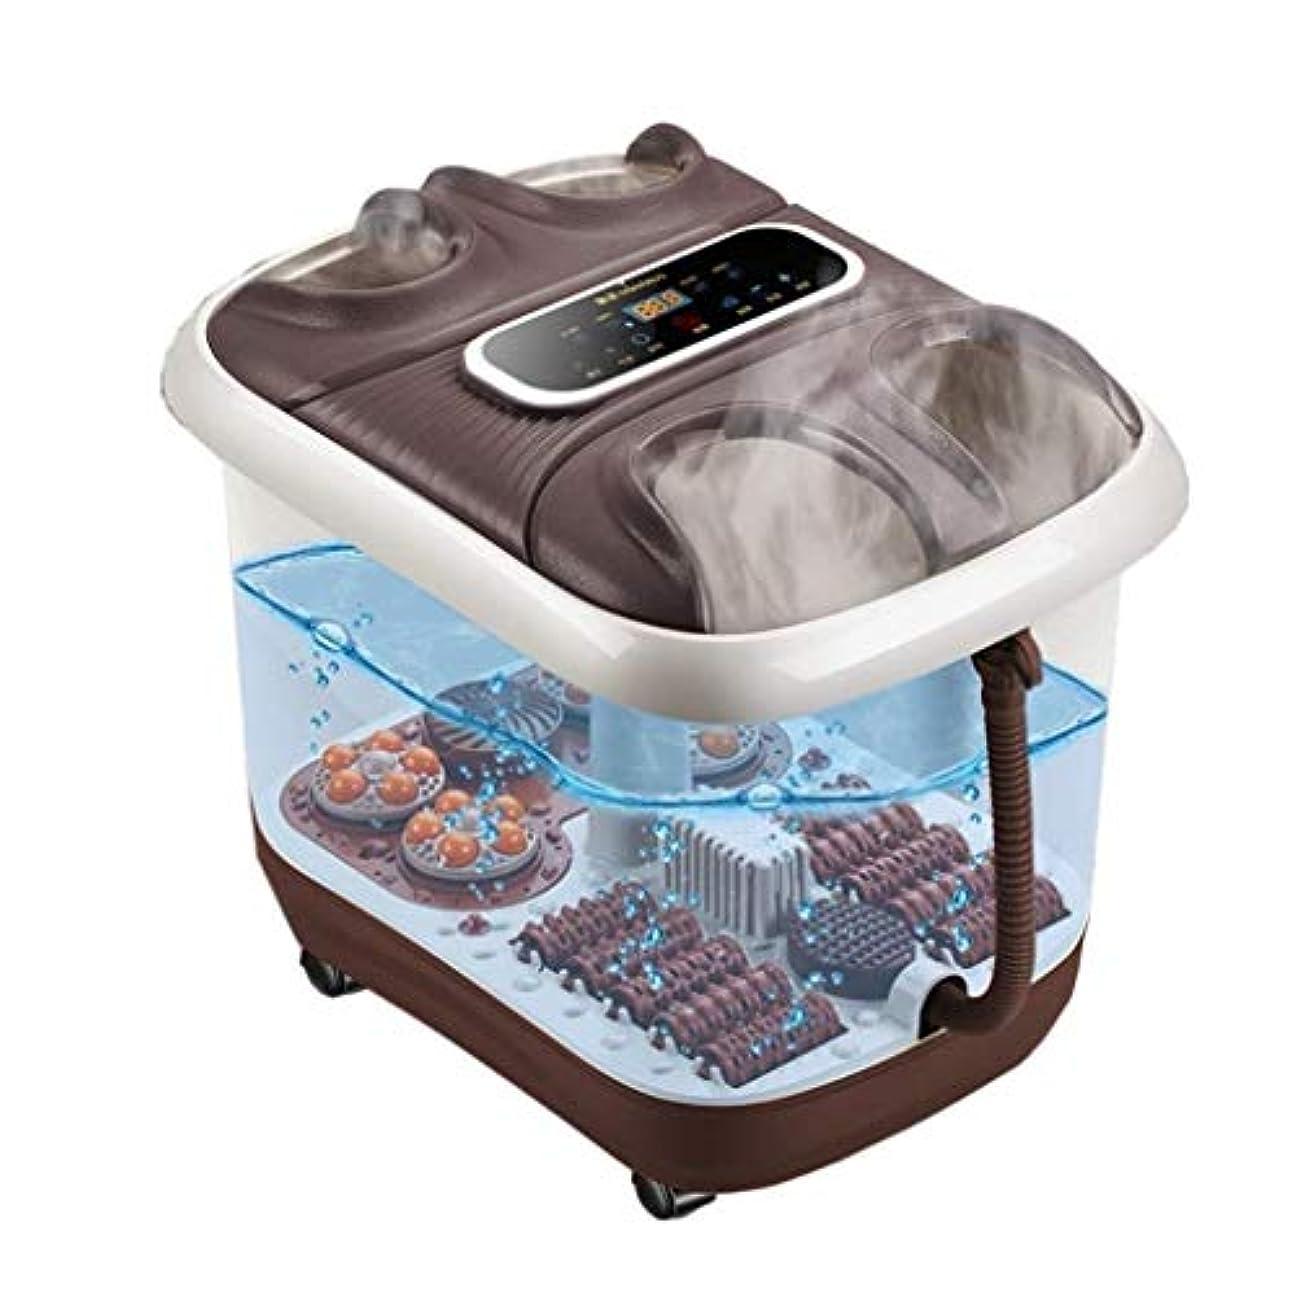 一定系譜合唱団フットマッサージャー、フルフットマッサージャー-高速TPS加熱システム、10個の電動マッサージローラー、一定の温度制御、ストレス/痛みの緩和、血液循環/睡眠の促進